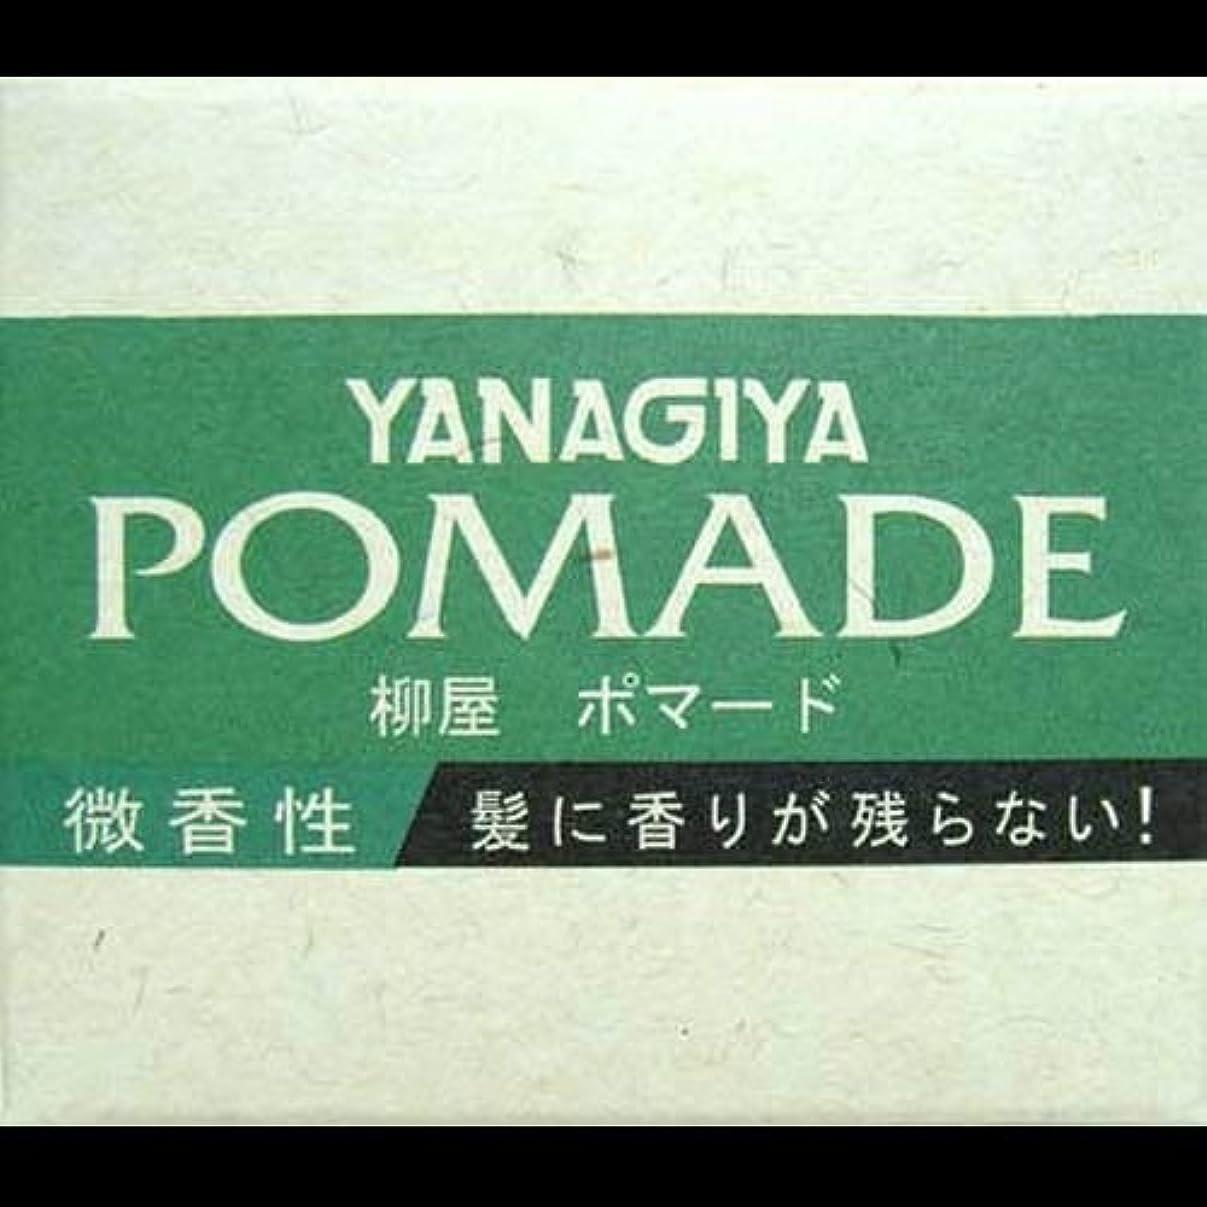 悪化させる緊急散文【まとめ買い】柳屋 ポマード微香性120g ×2セット